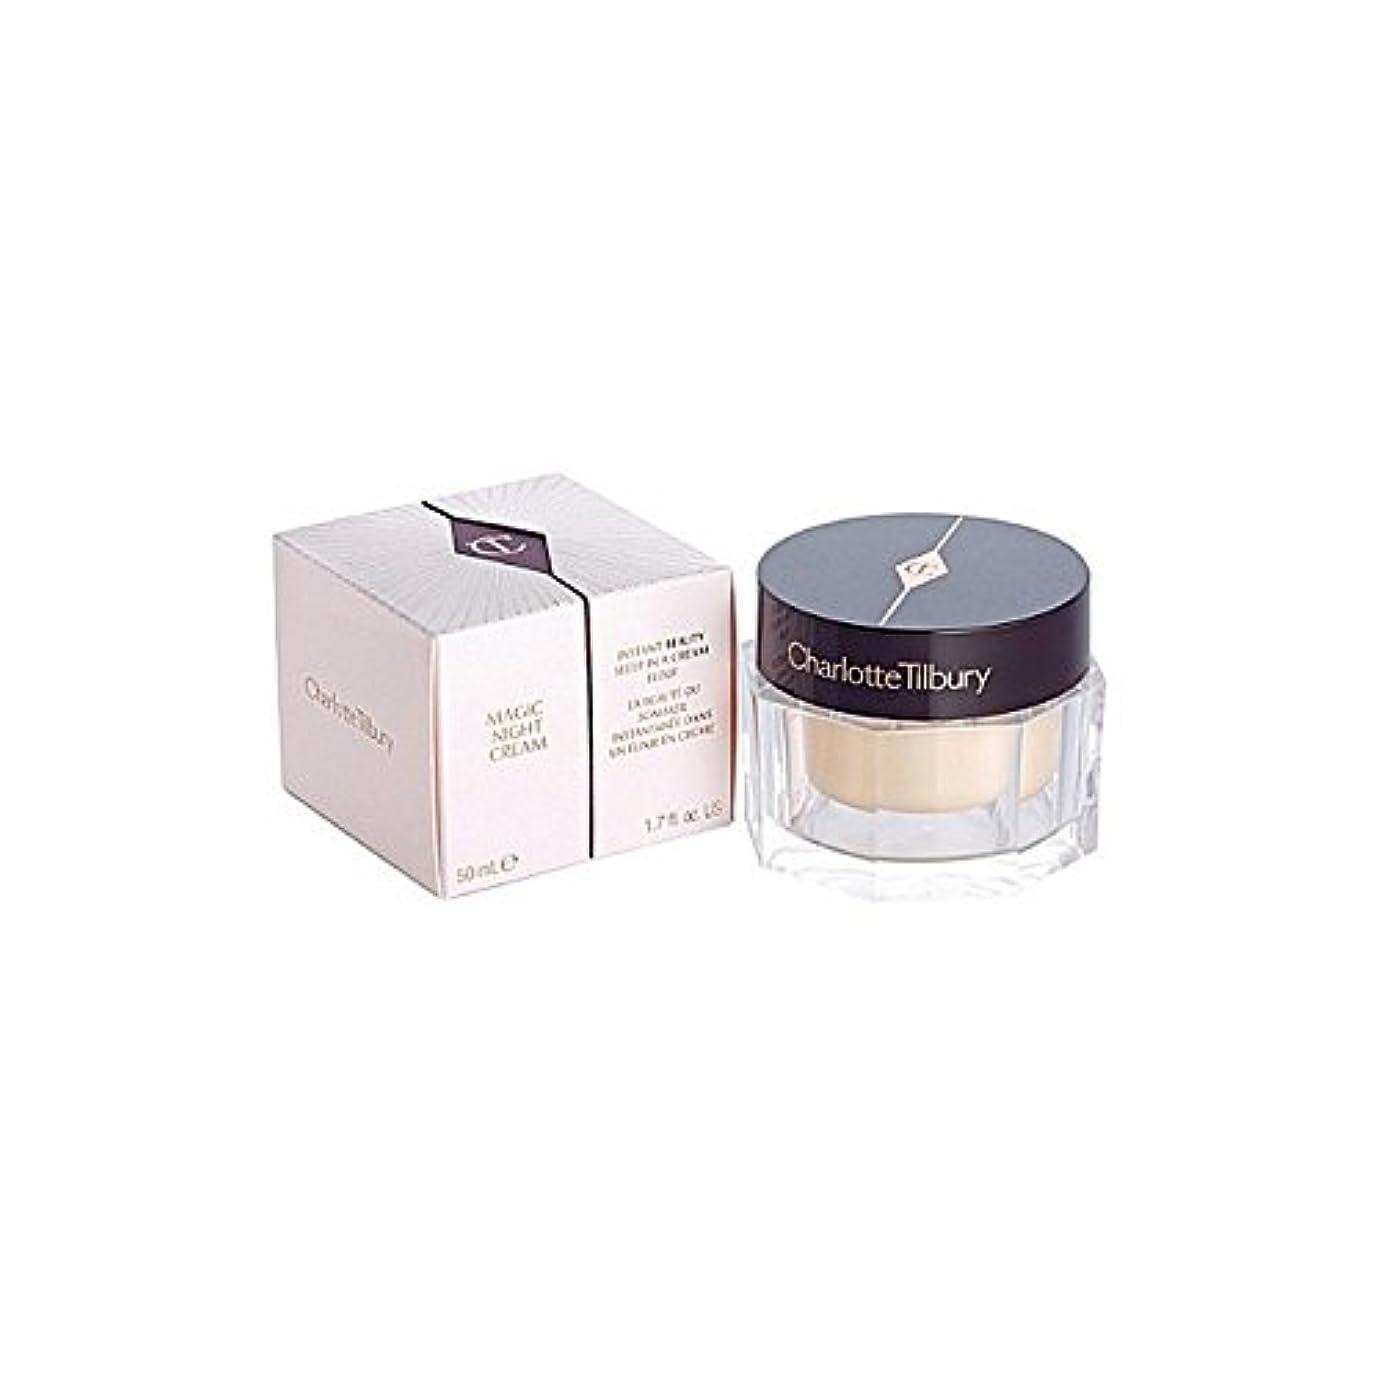 請求可能心から誠実さCharlotte Tilbury Magic Night Rescue Cream 50Ml (Pack of 6) - シャーロットティルバリーマジックナイトレスキュークリーム50 x6 [並行輸入品]